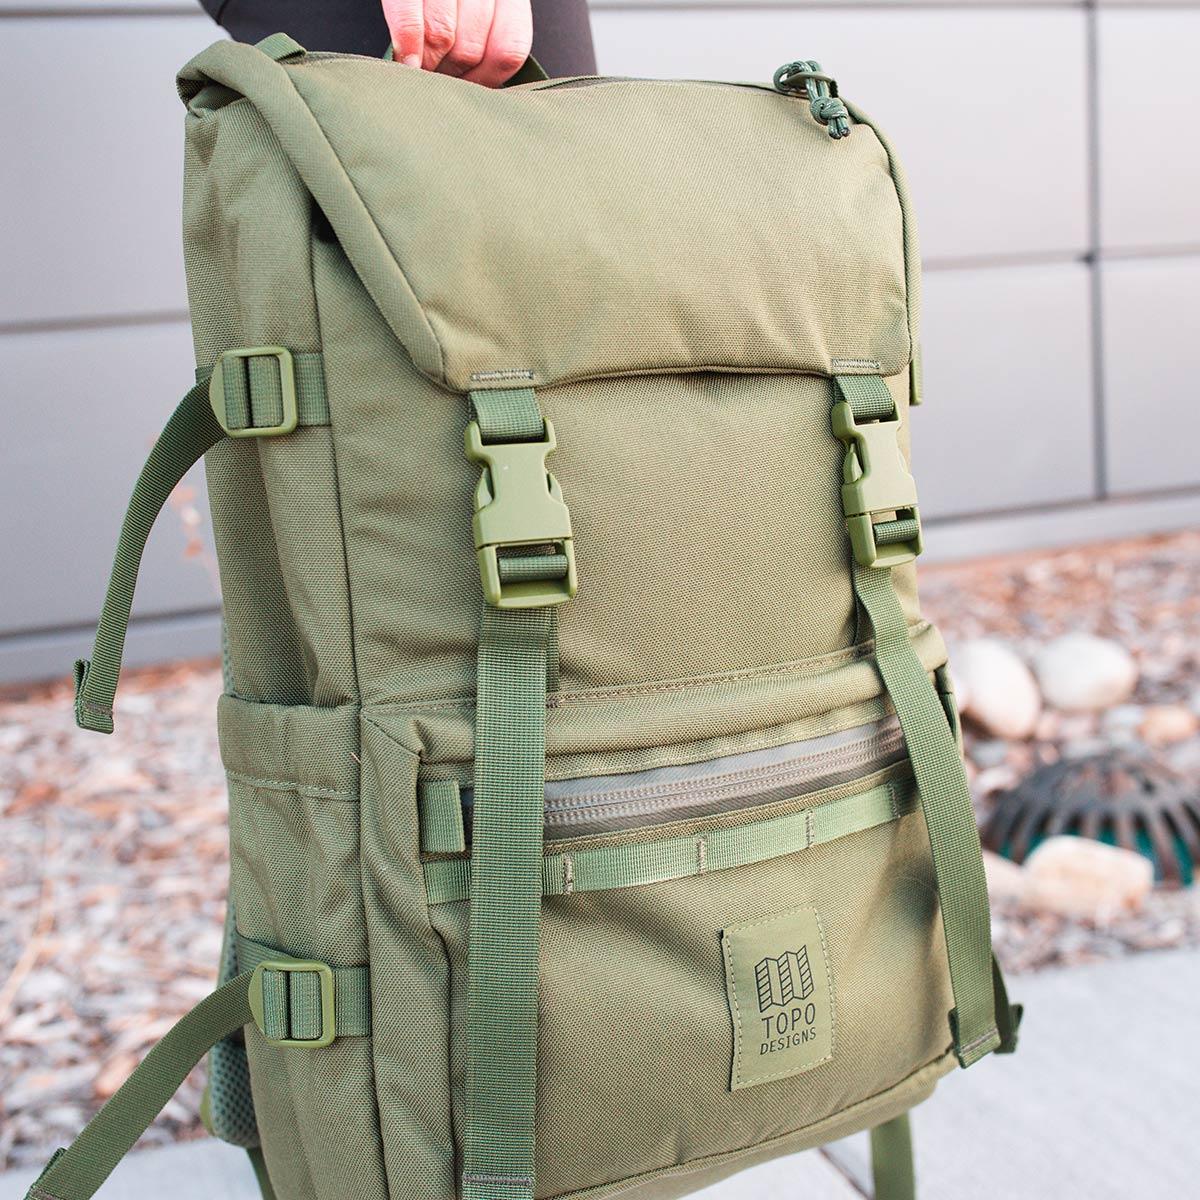 Topo Designs Rover Pack Tech Olive, tijdloze rugzak met moderne functionaliteiten voor dagelijks gebruik